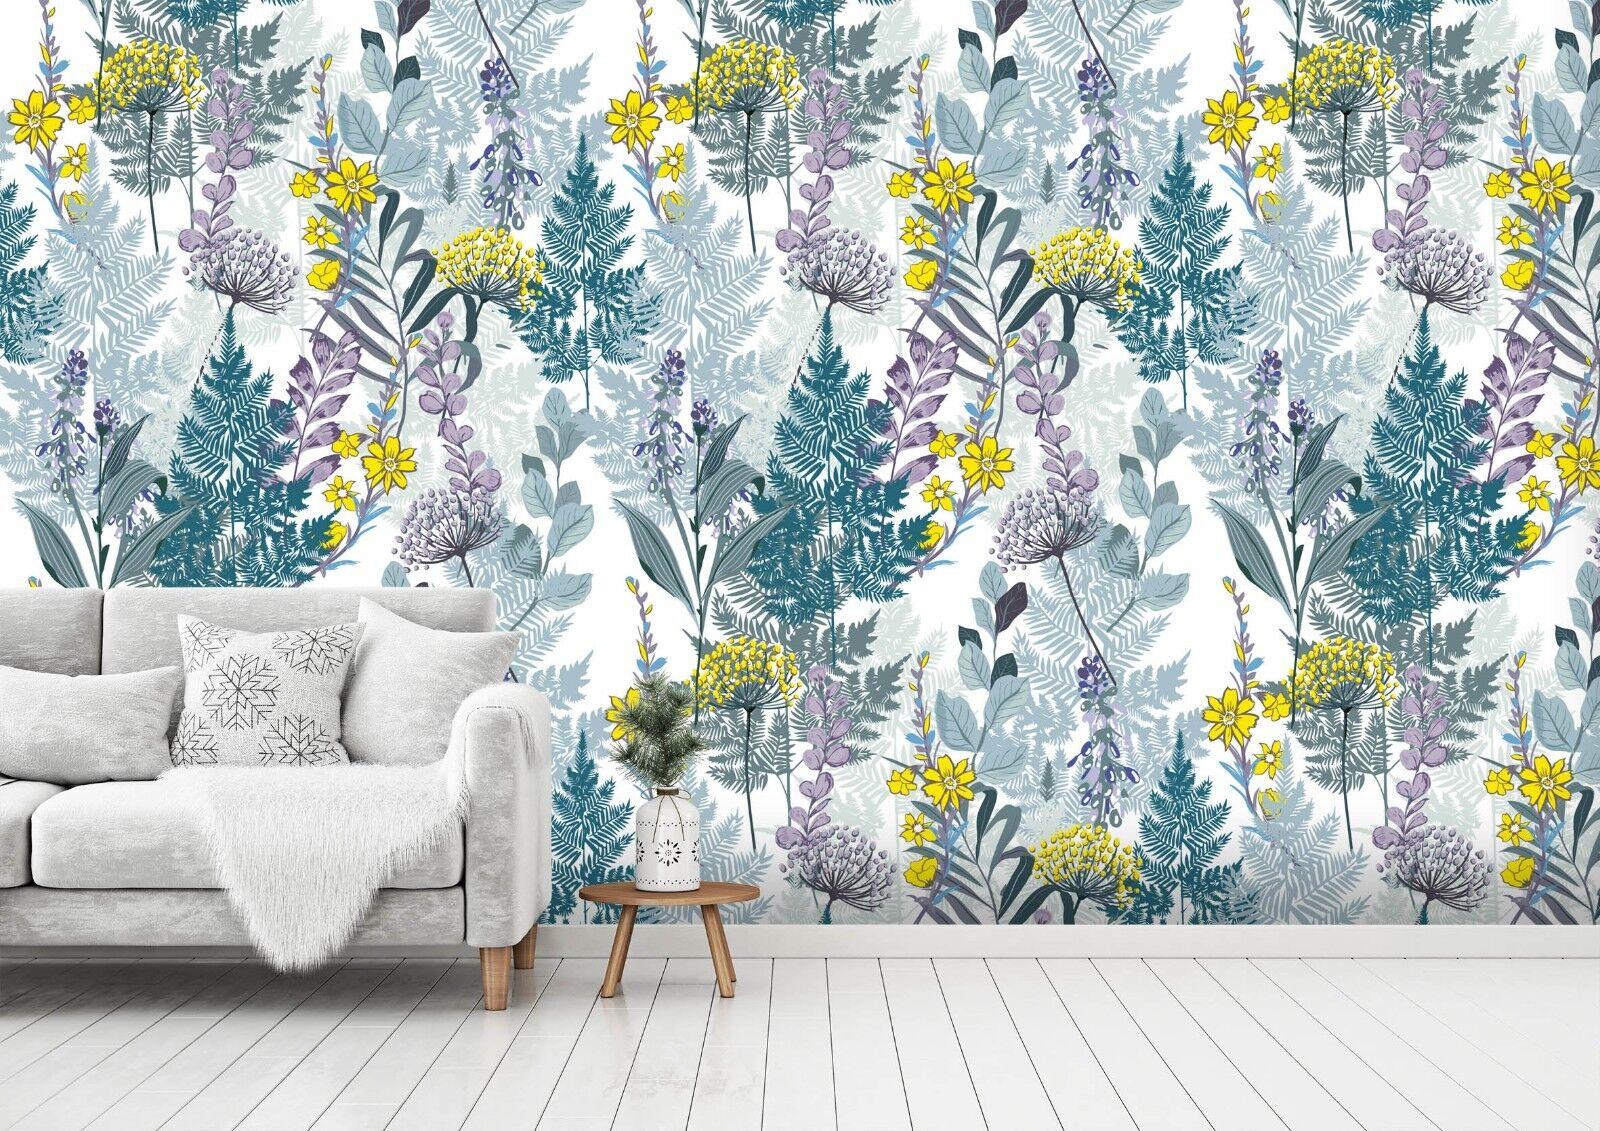 3D Yellow Petals Plants 5 Wallpaper Murals Wall Print Wallpaper Mural AJ WALL UK